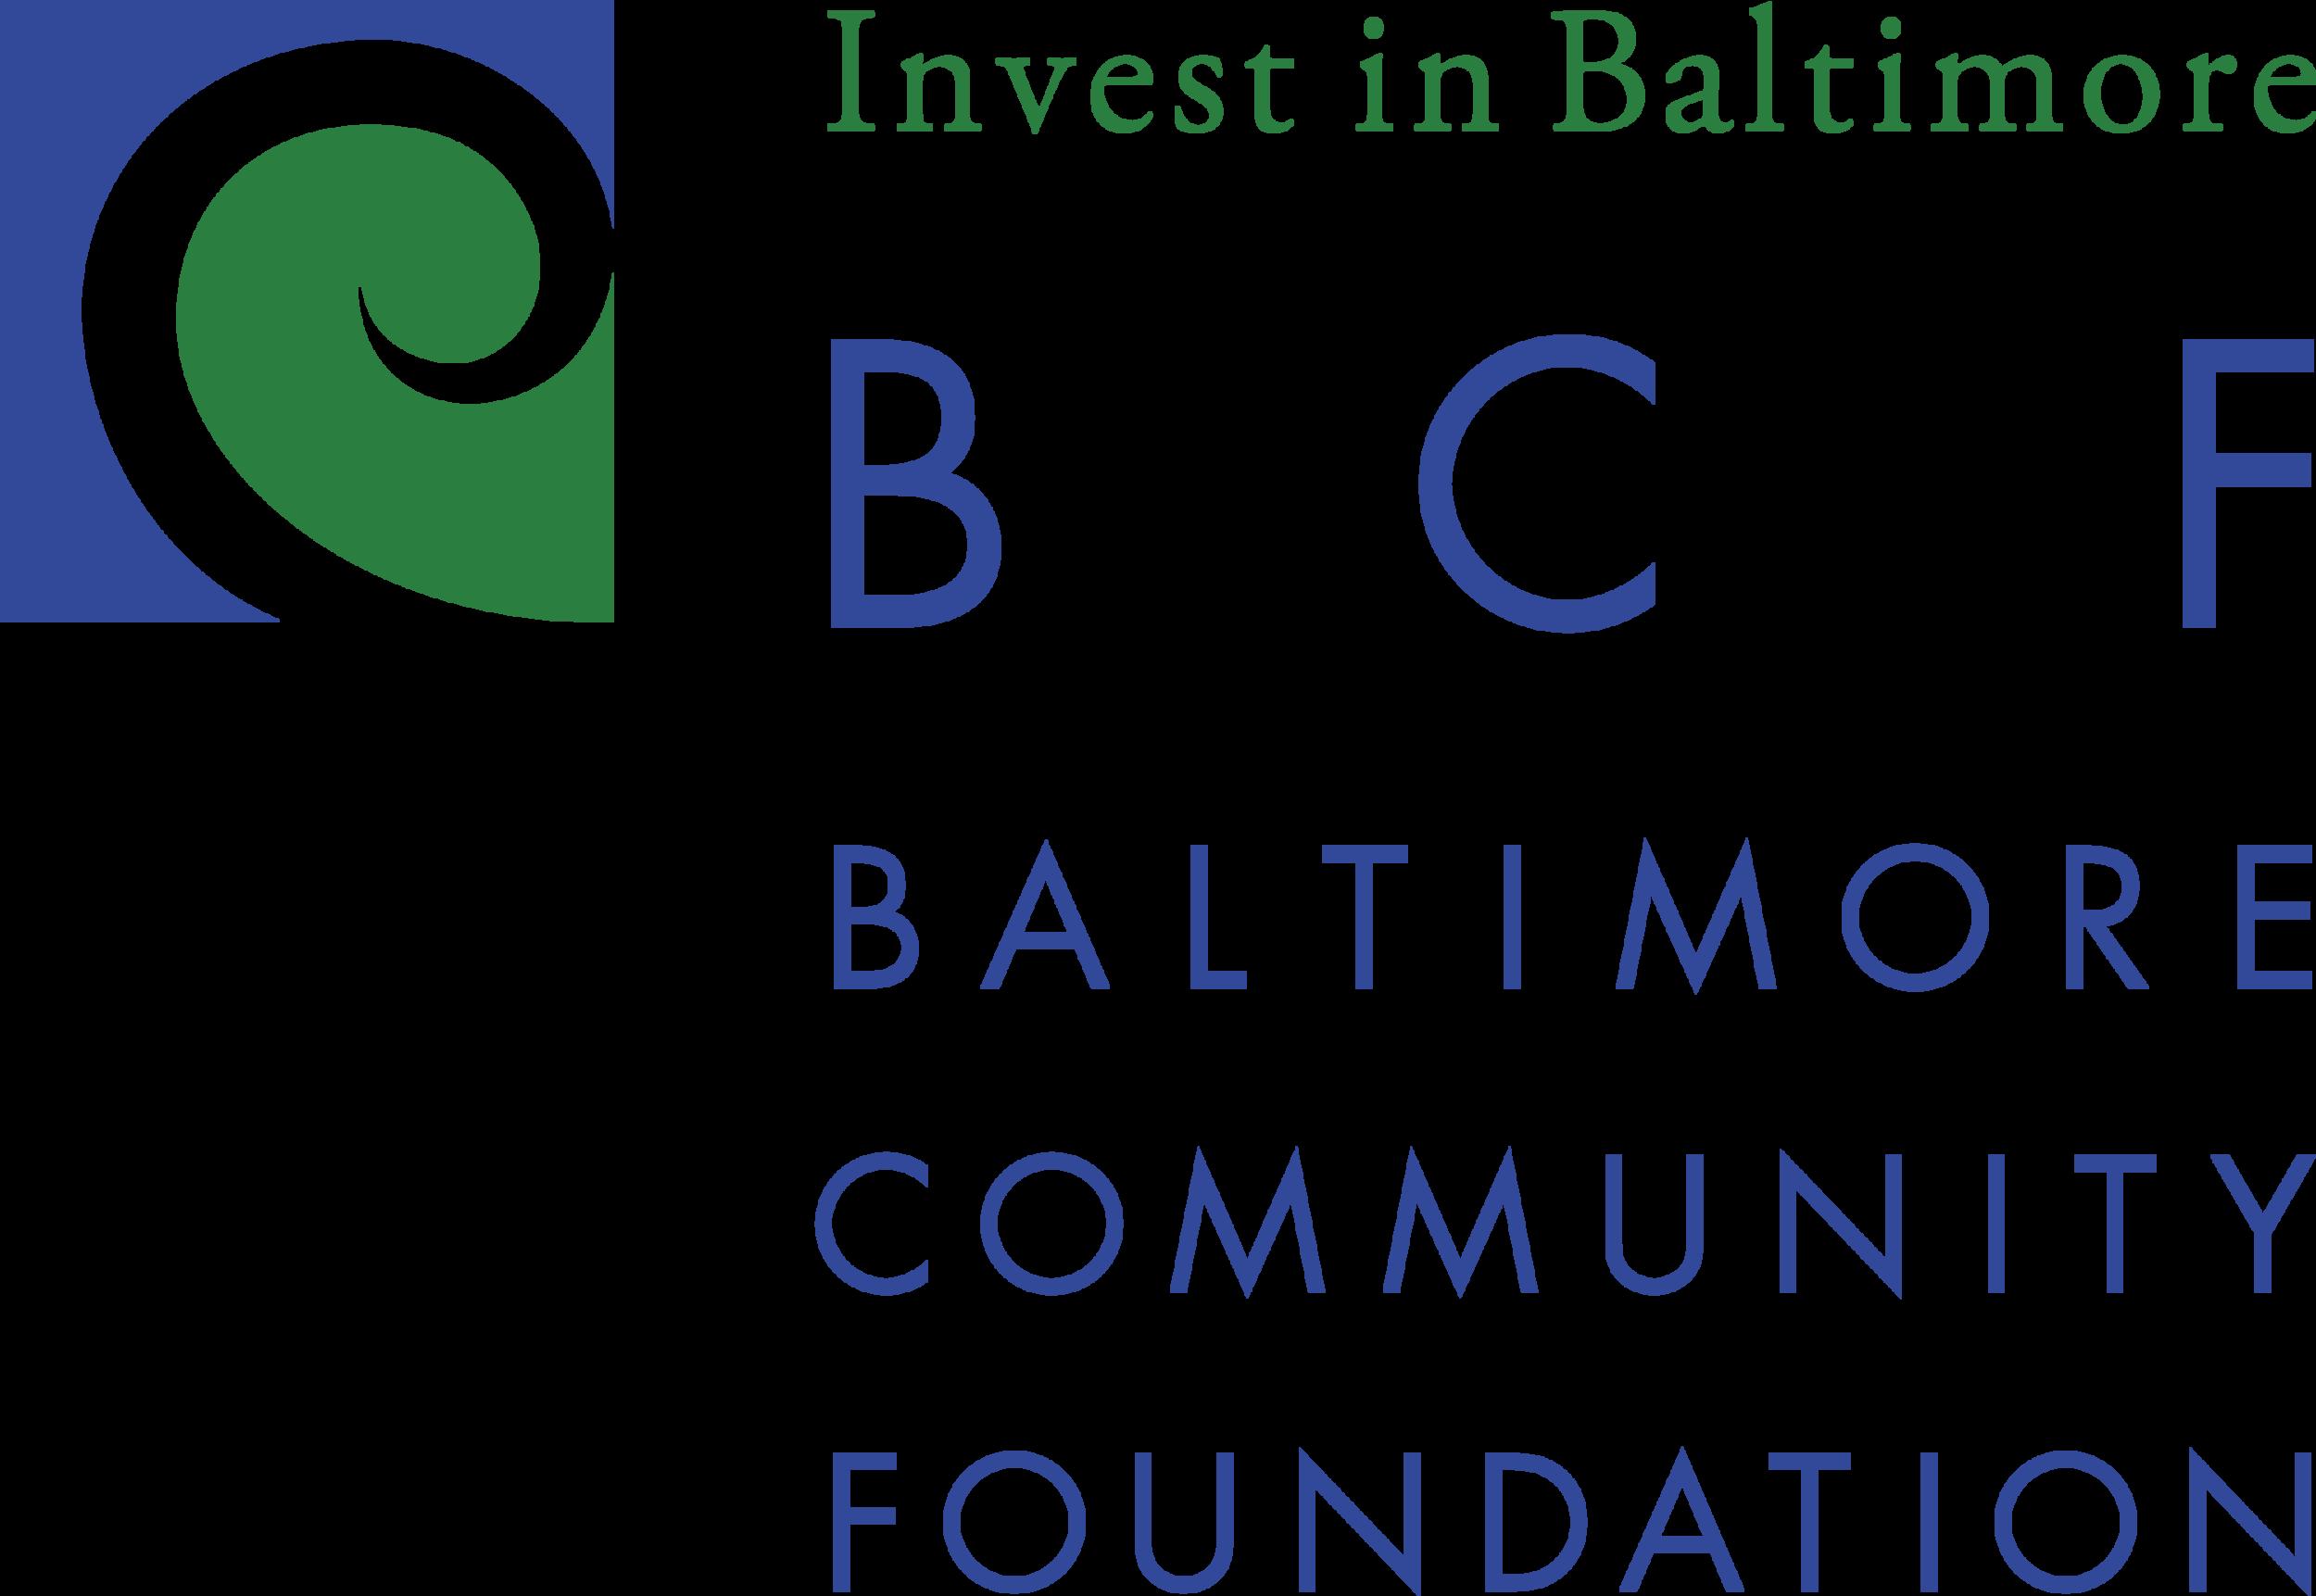 bcf_IiB_logo.png